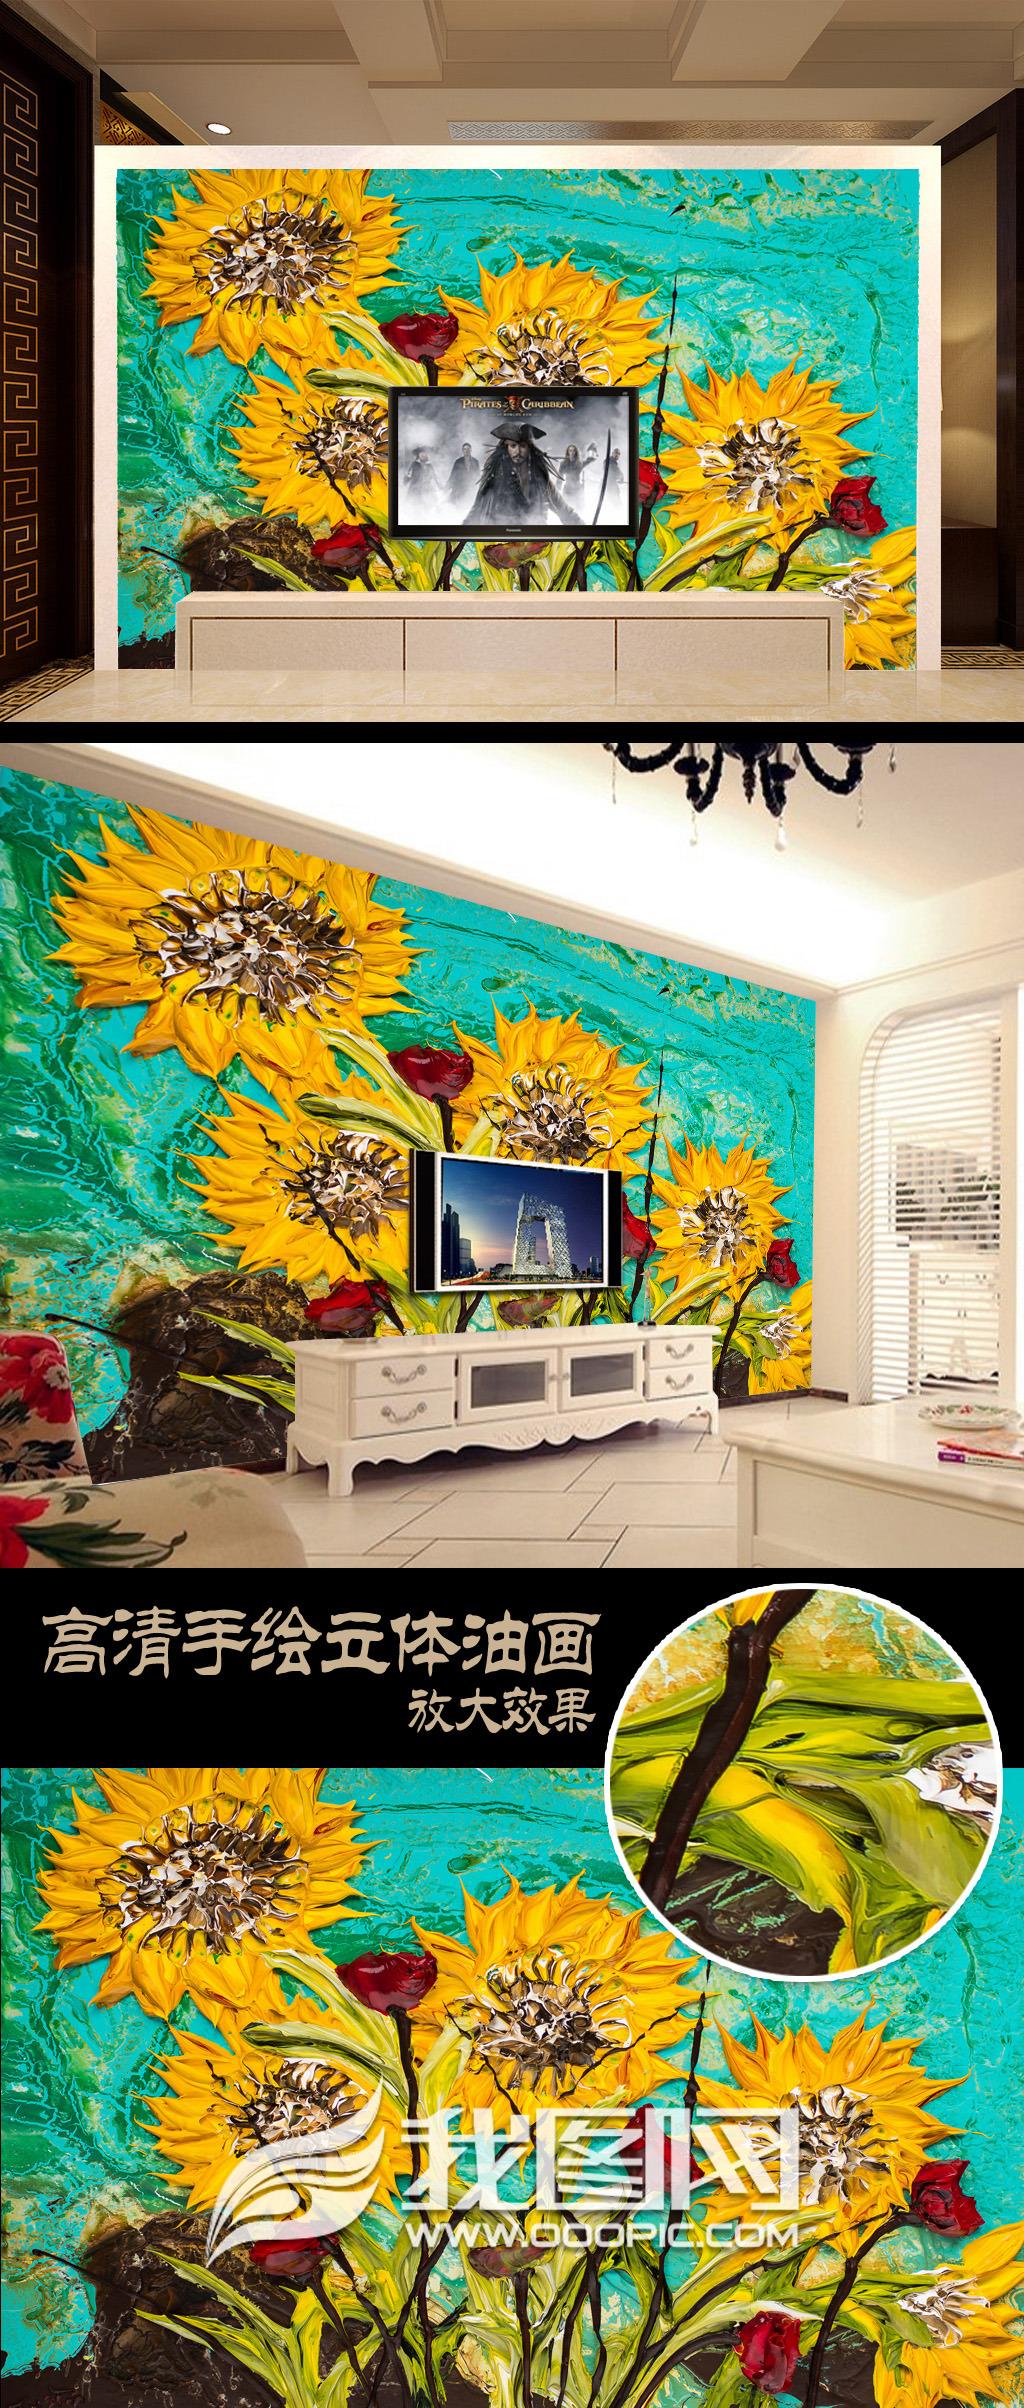 浪漫手绘立体抽象油画向日葵壁画背景墙